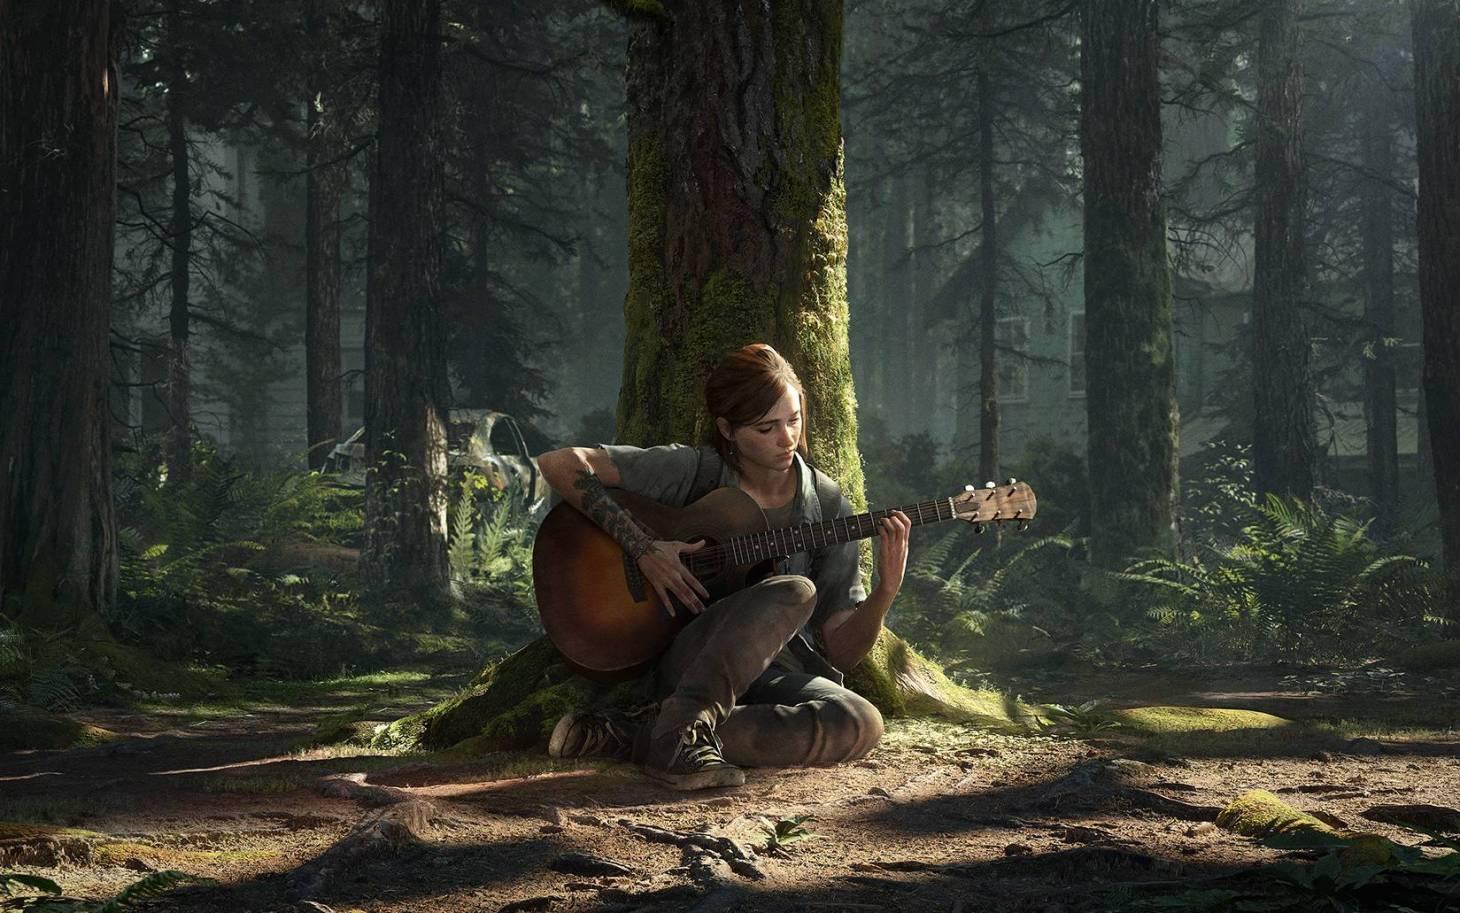 Jeu vidéo - The Last of Us 2, une suite réjouissante